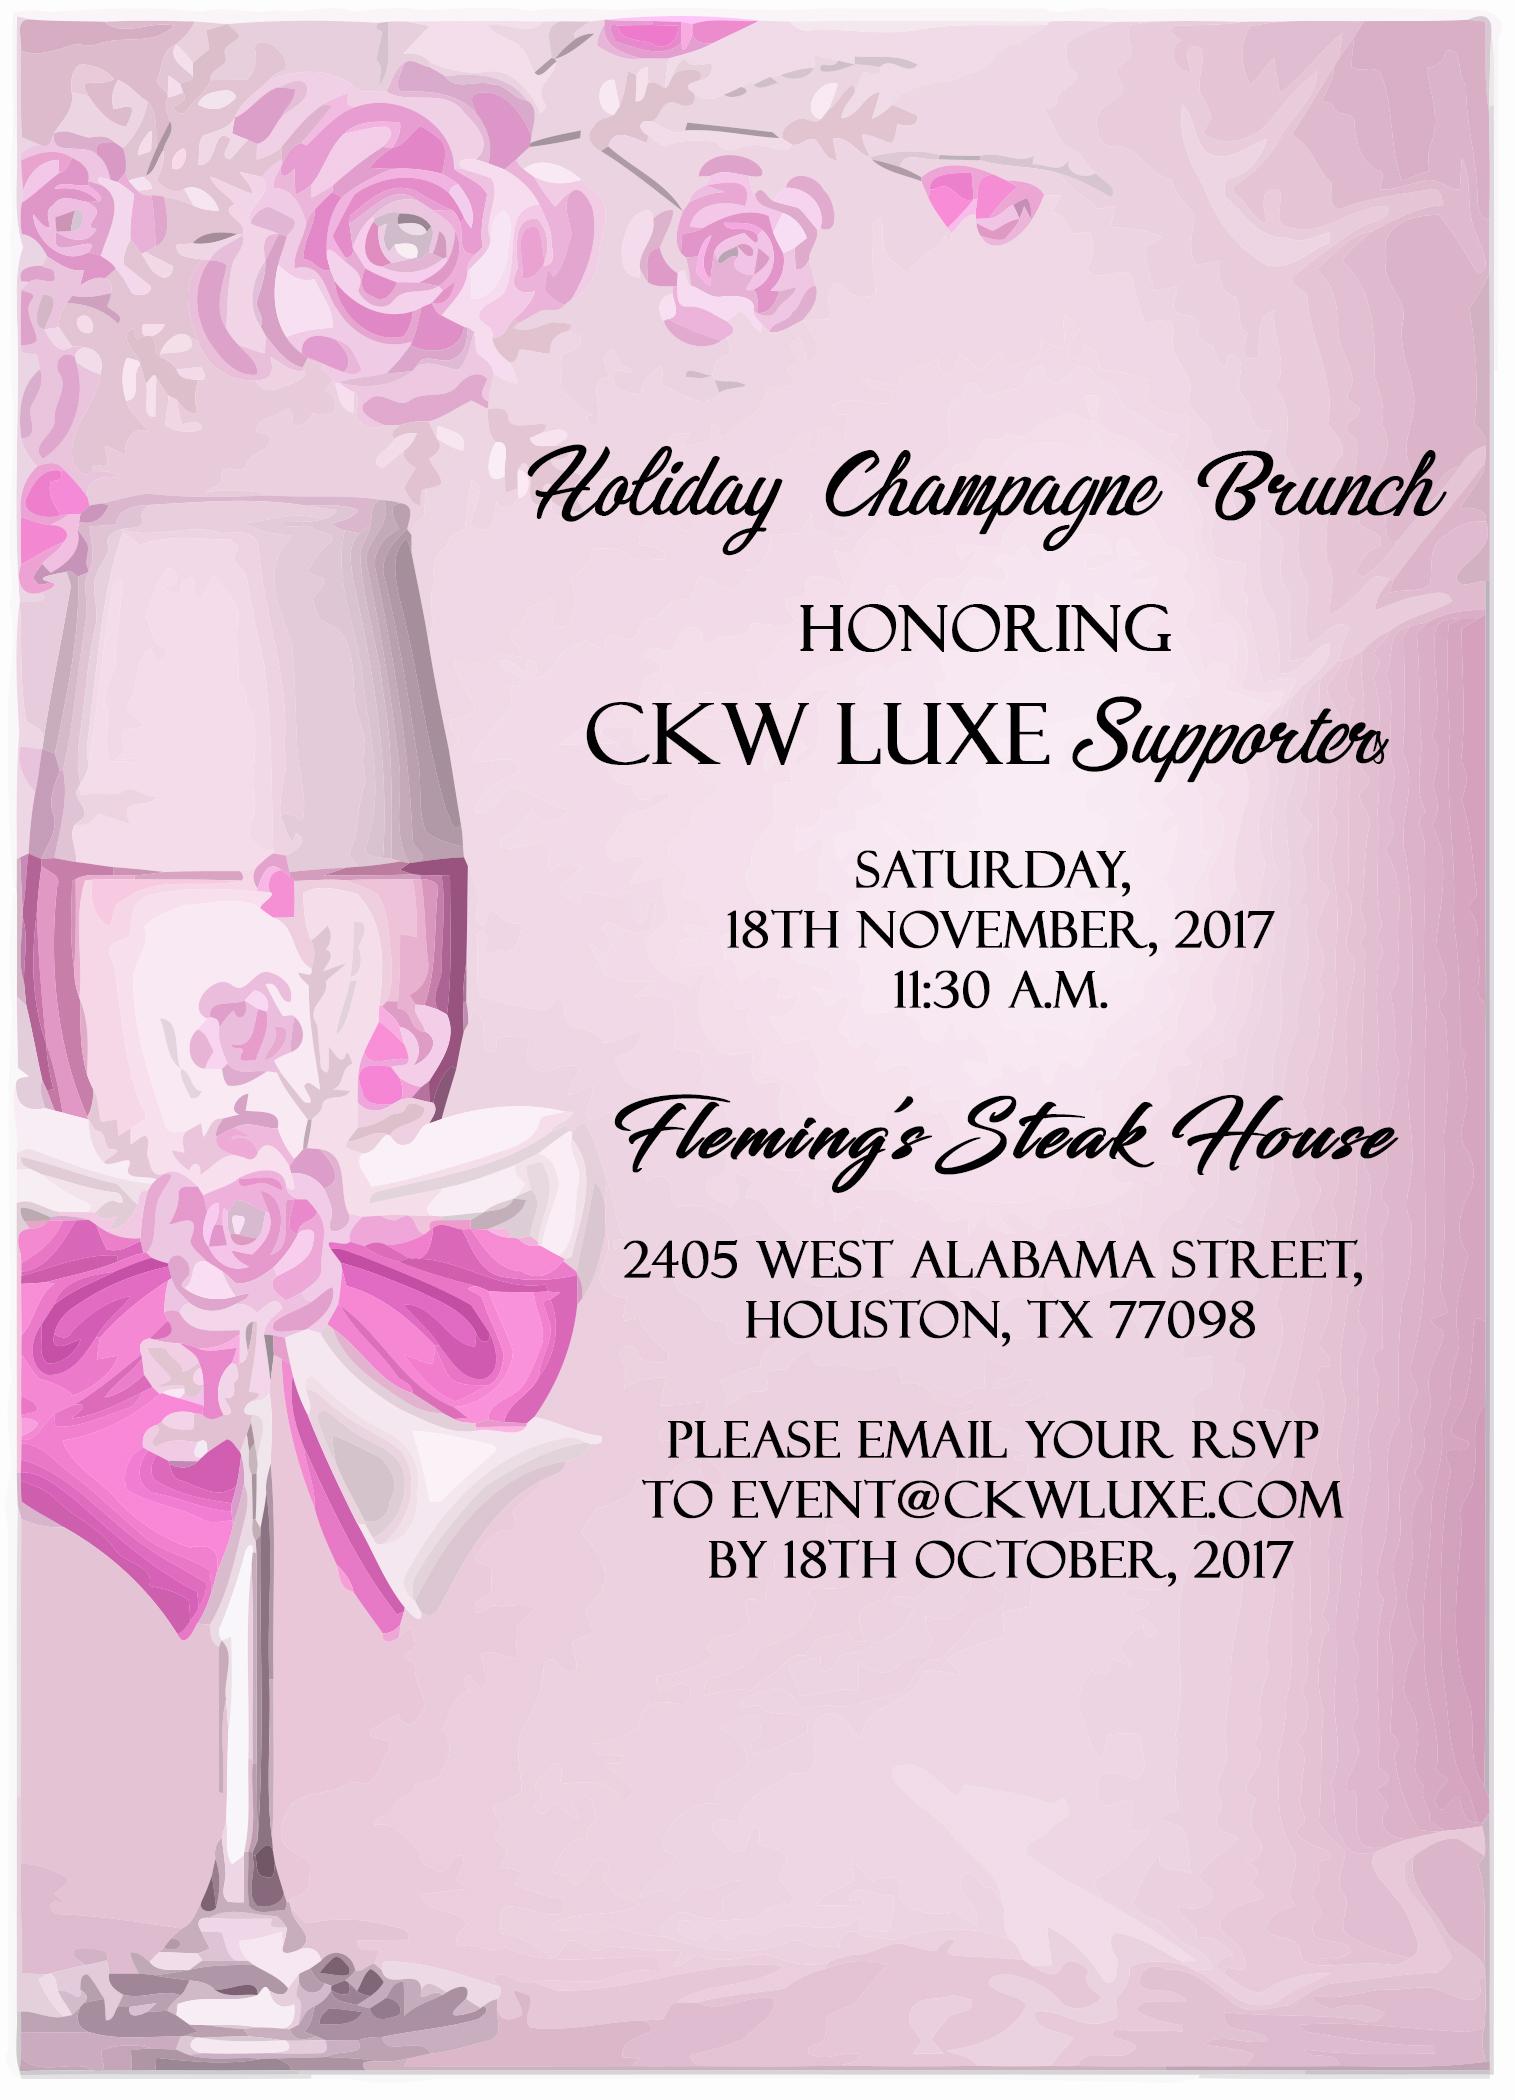 CKW Luxe Magazine